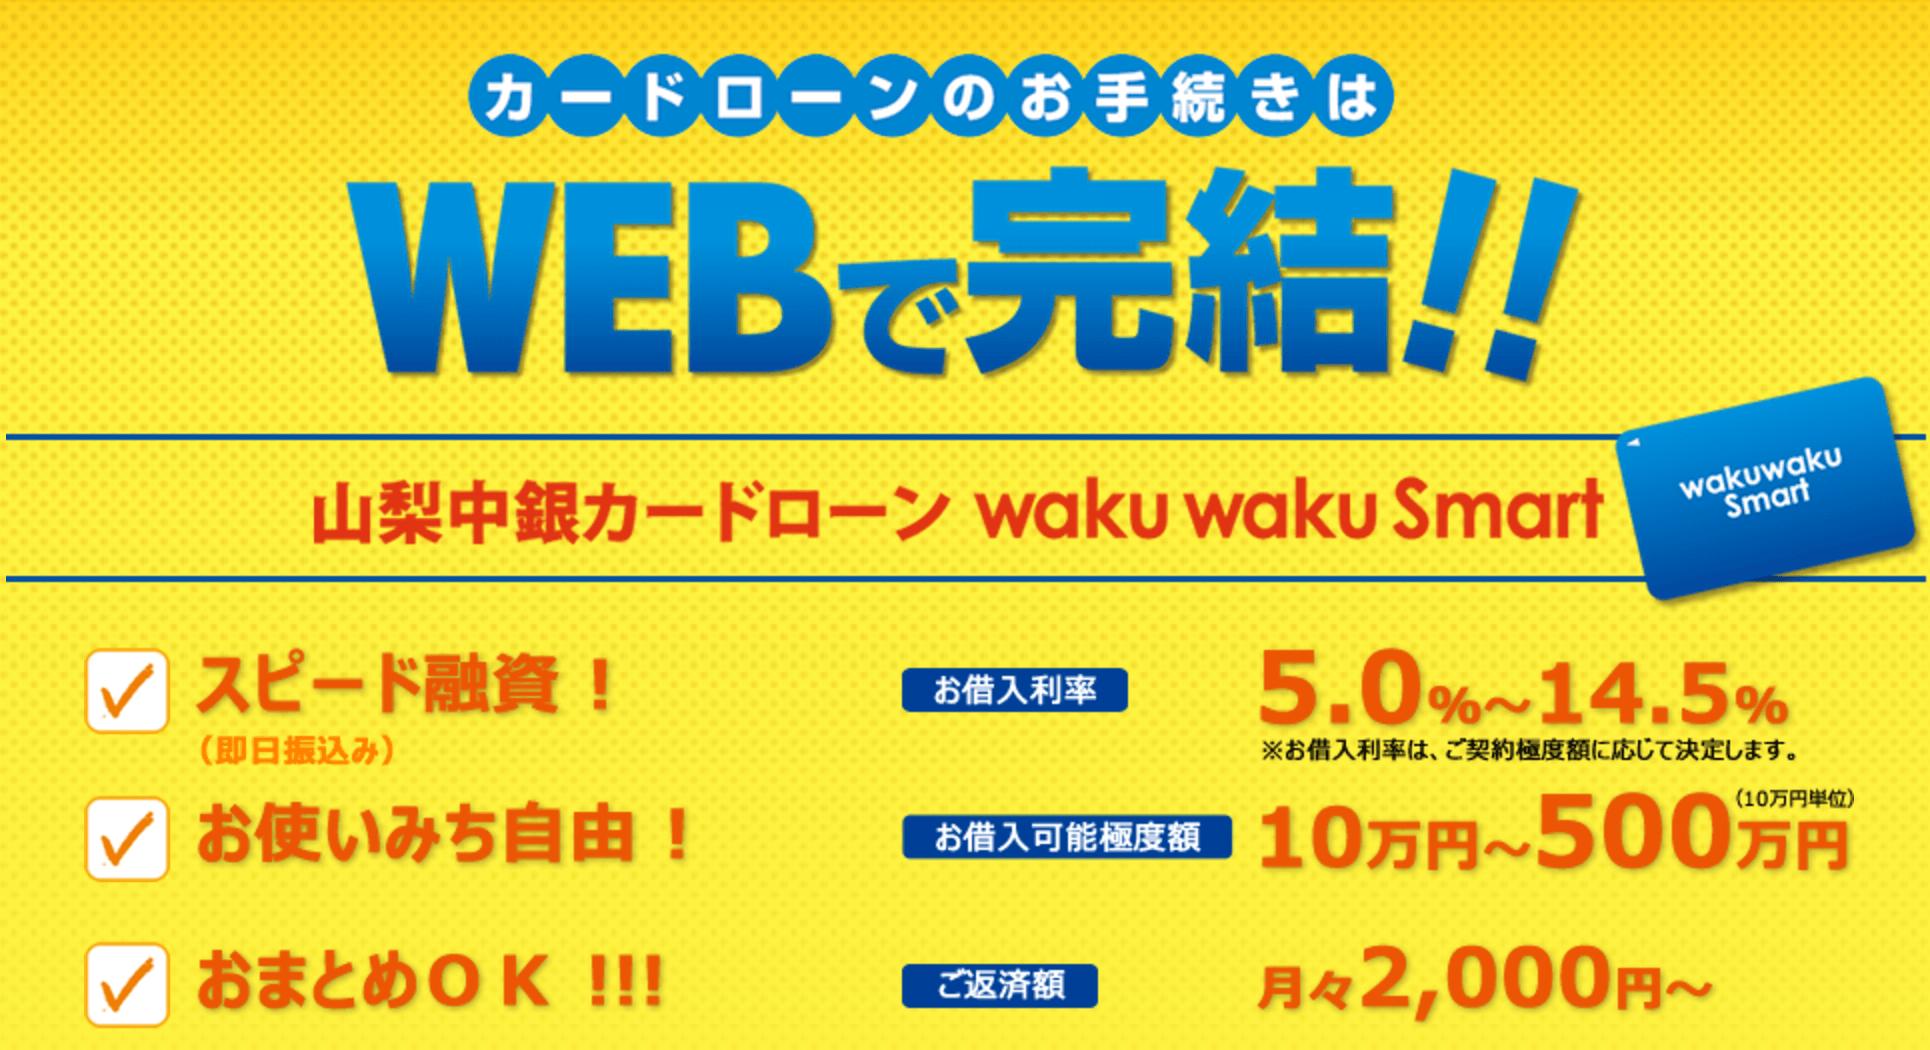 カードローン『waku waku Smart ワクワクスマート 』のイメージ